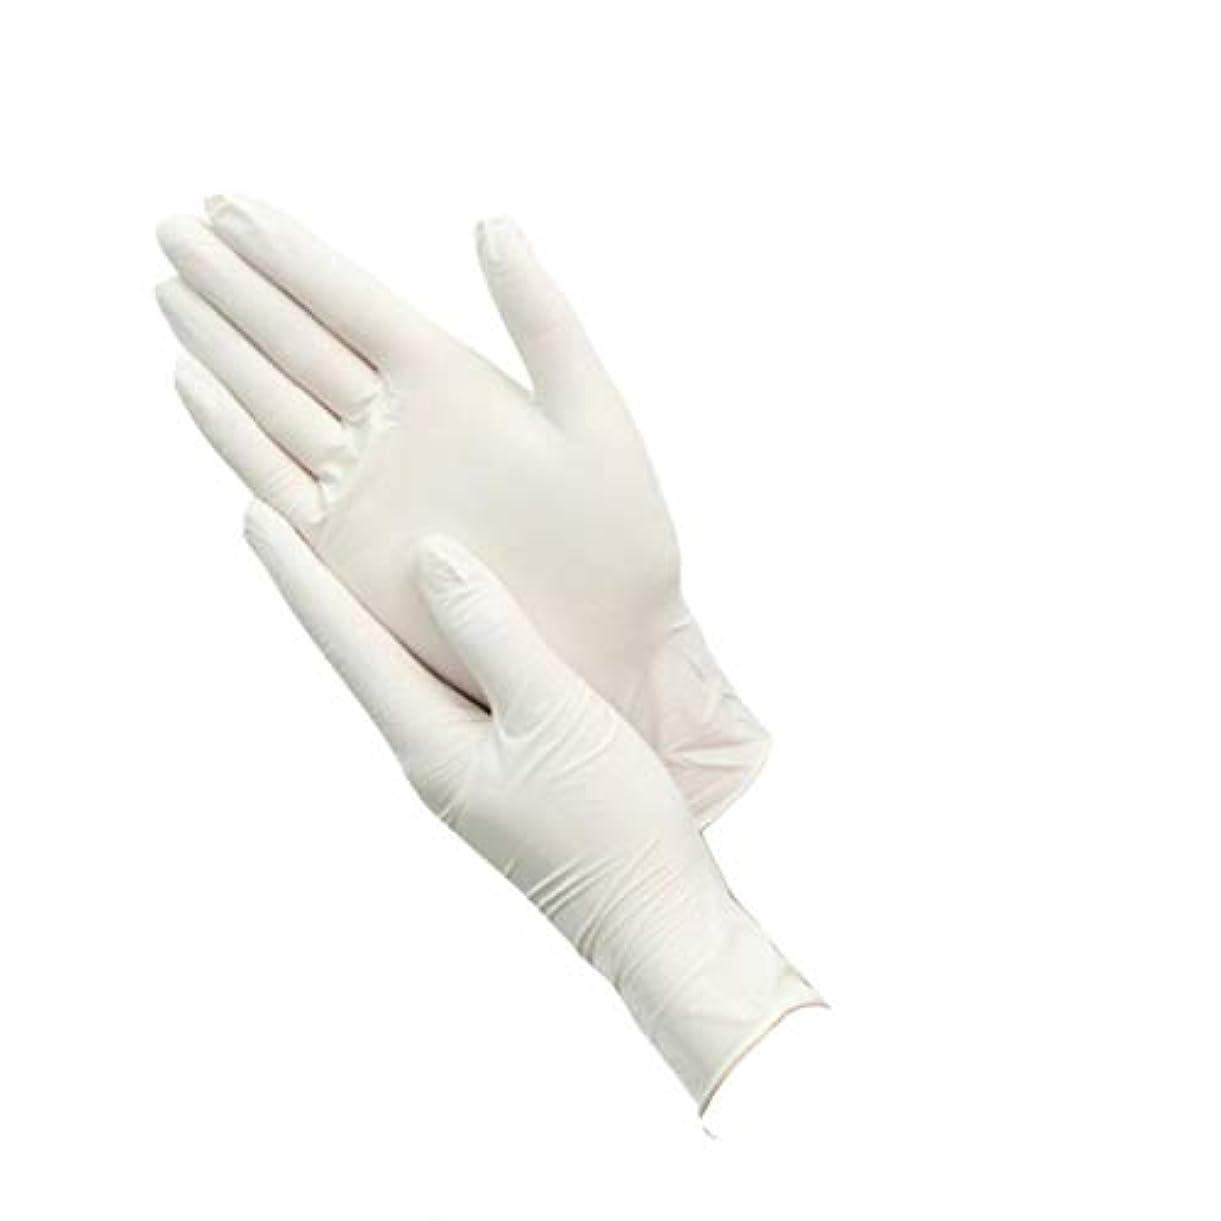 論理的ちなみに約使い捨て手袋グッド100グラム増量ニトリルブタジエンゴム (サイズ さいず : XL)